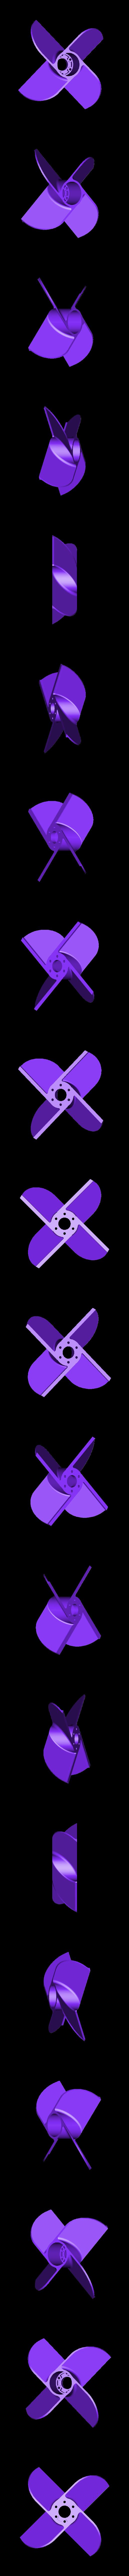 4 flaps marine propeller.stl Télécharger fichier STL gratuit Hélice marine à 4 volets • Modèle pour imprimante 3D, ErkanErk